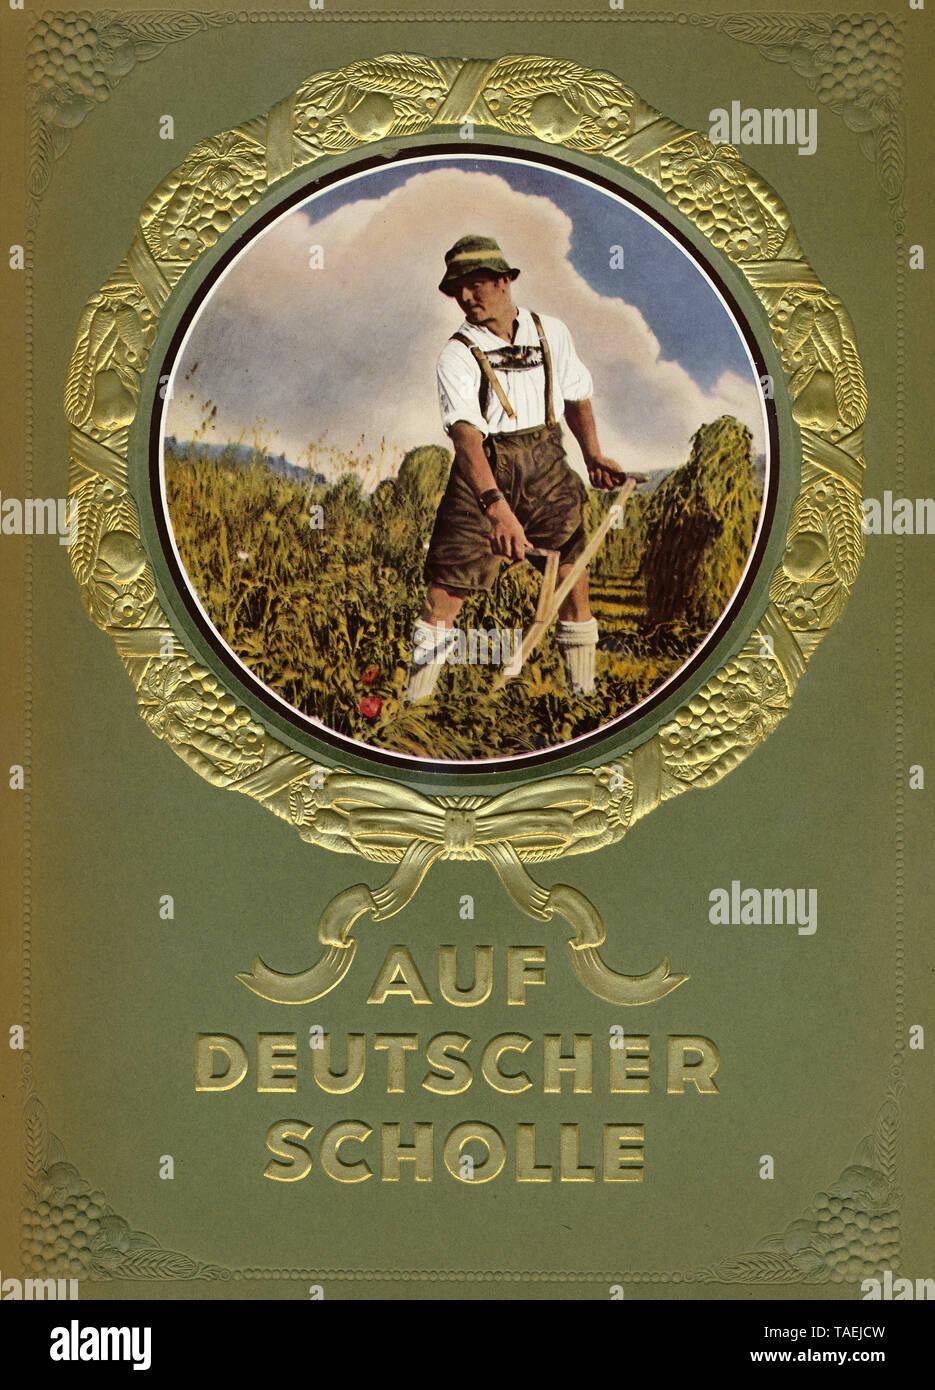 Titelseite, Auf Deutscher Scholle, Sammelbilderalbum, Zigaretten-Bilderdienst, Eckstein, Verlag Nordmark 1935, Deutschland Stock Photo